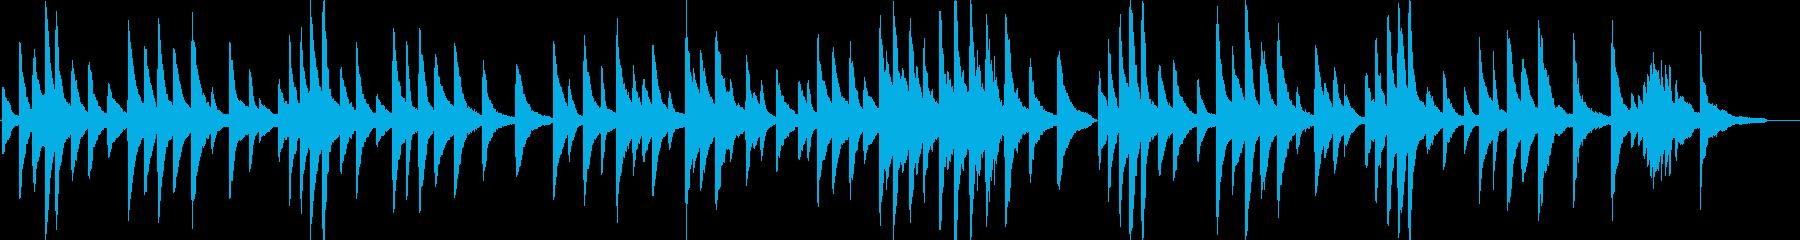 ピアノがメインの穏やかなバラードBGMの再生済みの波形